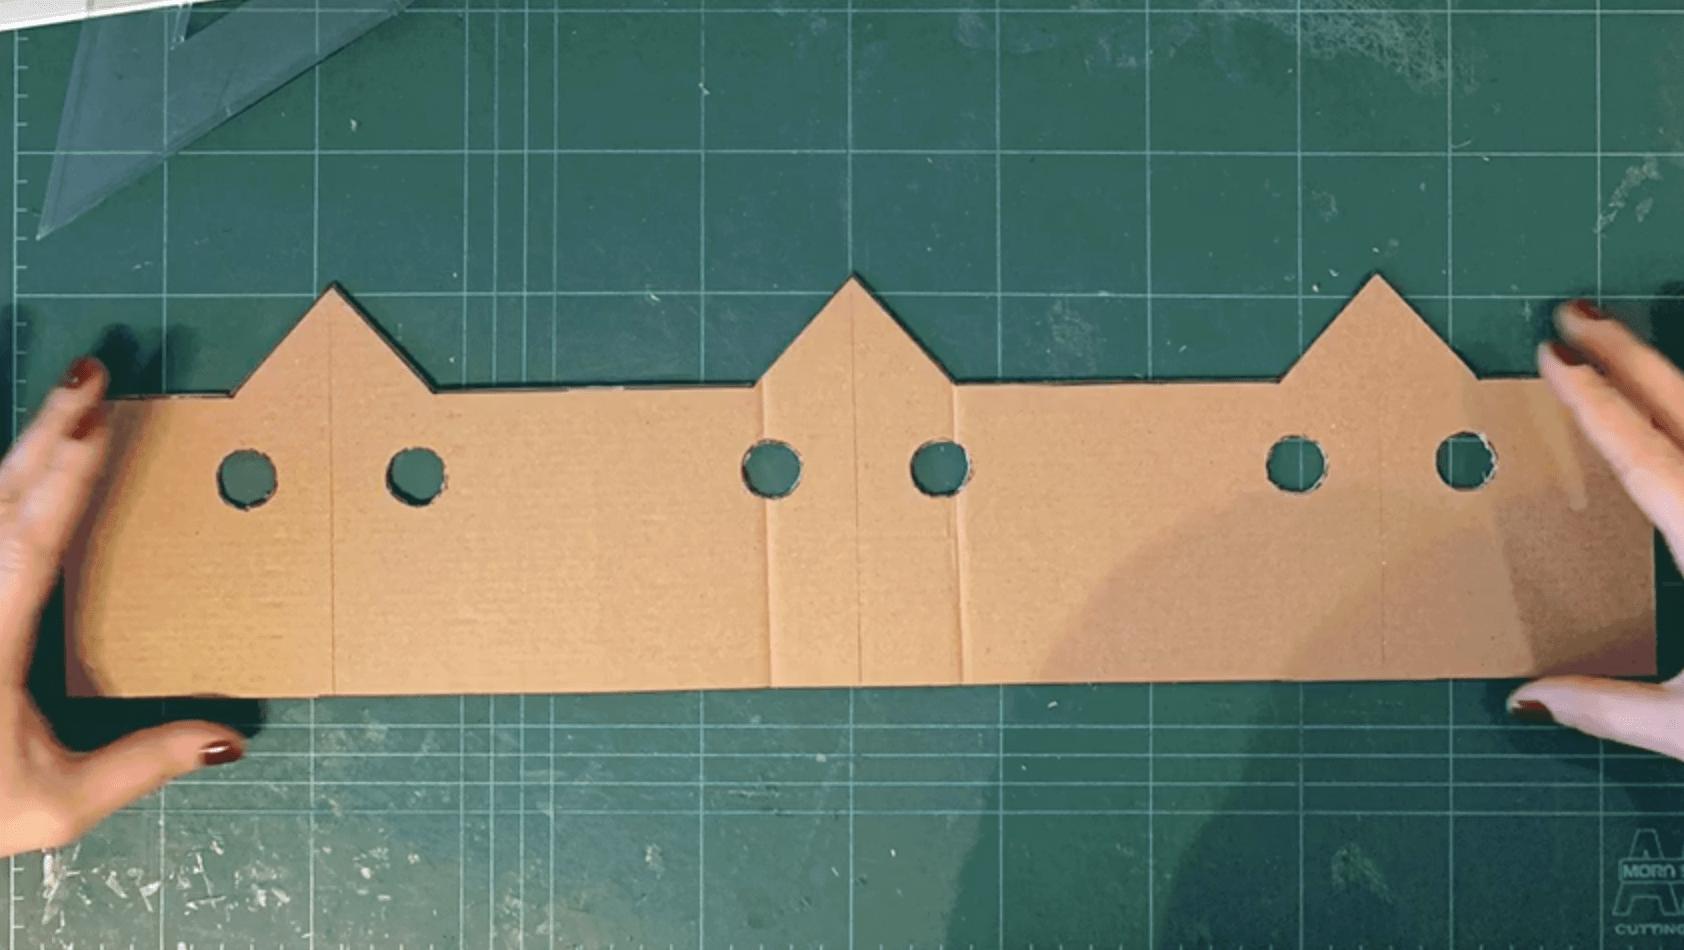 El Protector de manillas DIY que evita contagios que puedes construir gratis 82